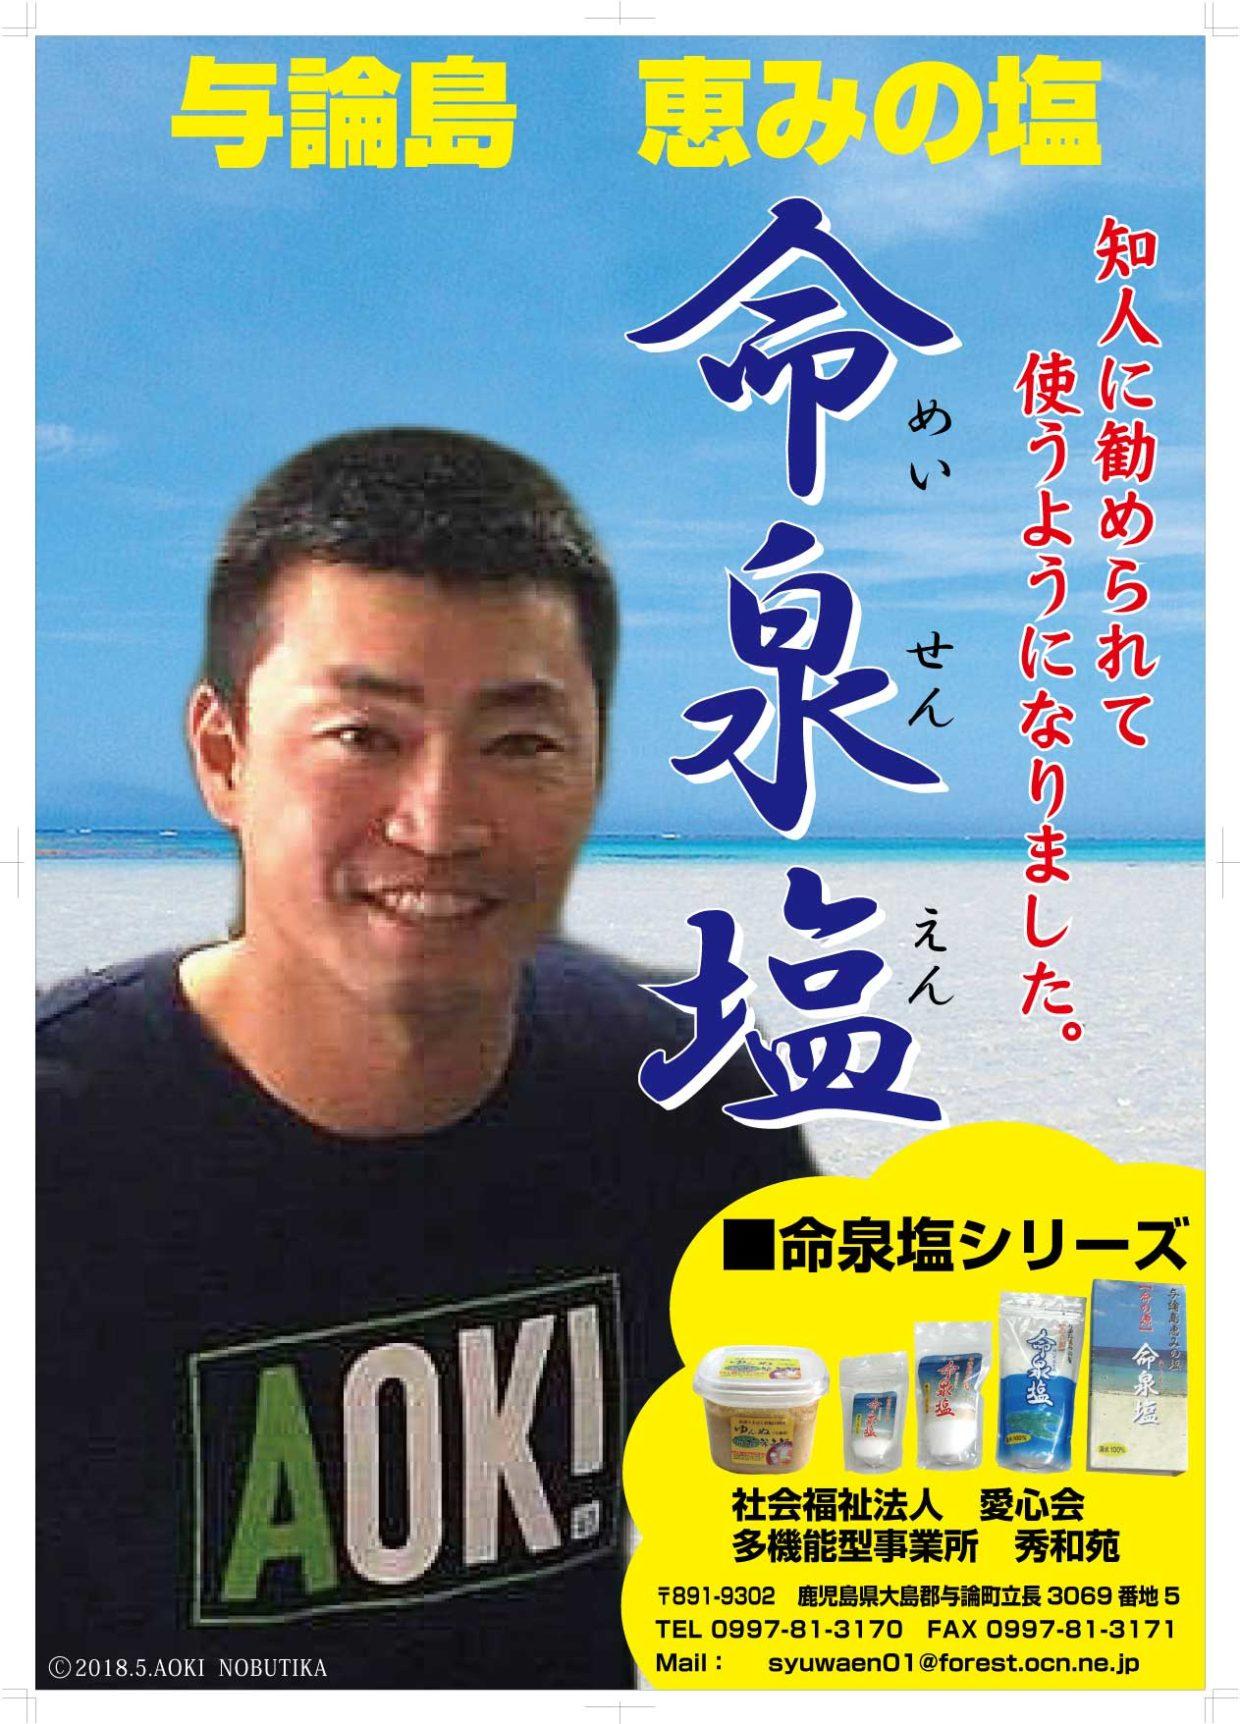 青木宣親 選手に命泉塩をご愛用いただいています。